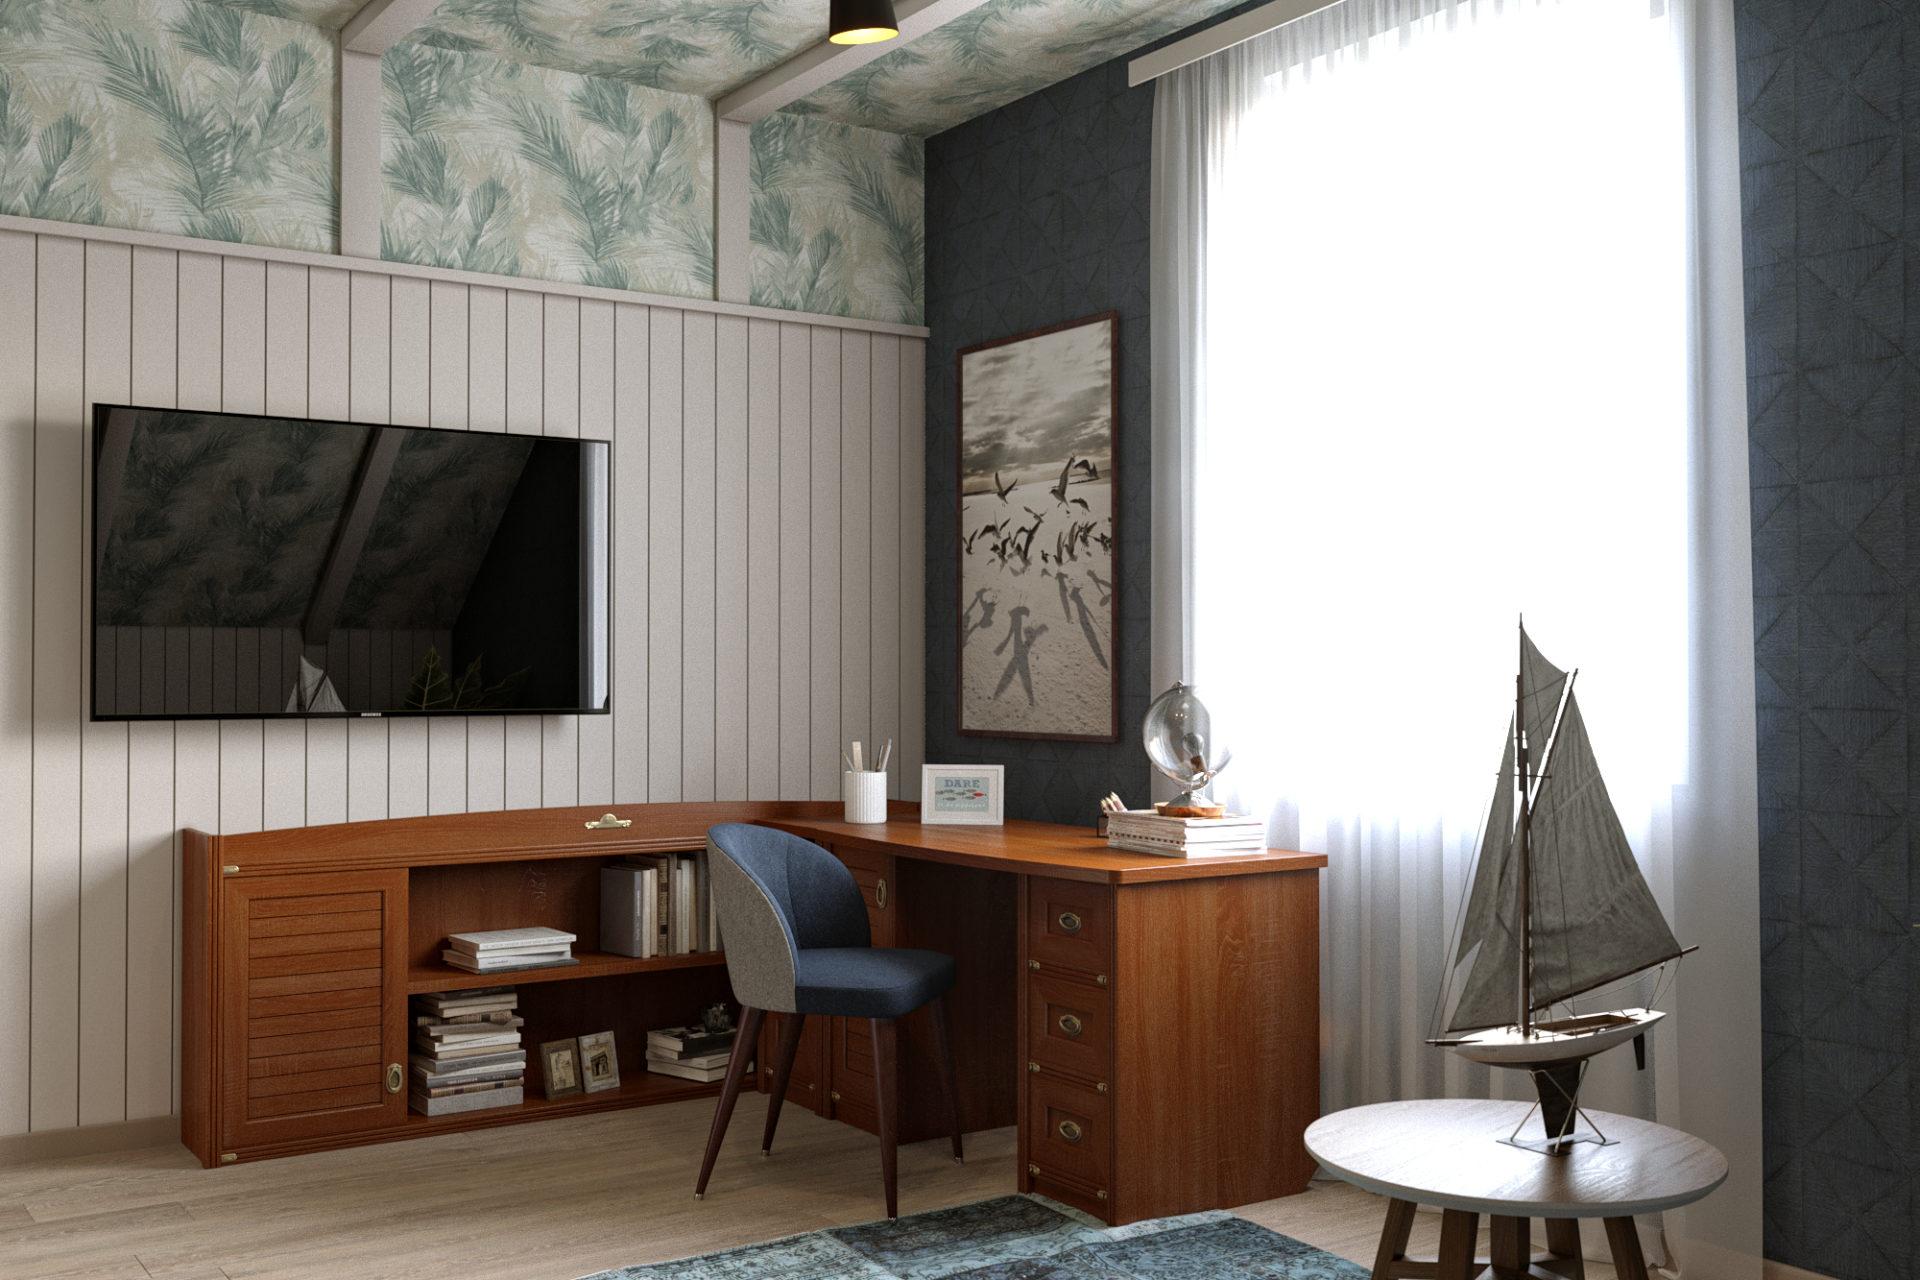 nattrig2F_searoom_viva_design_tambov_